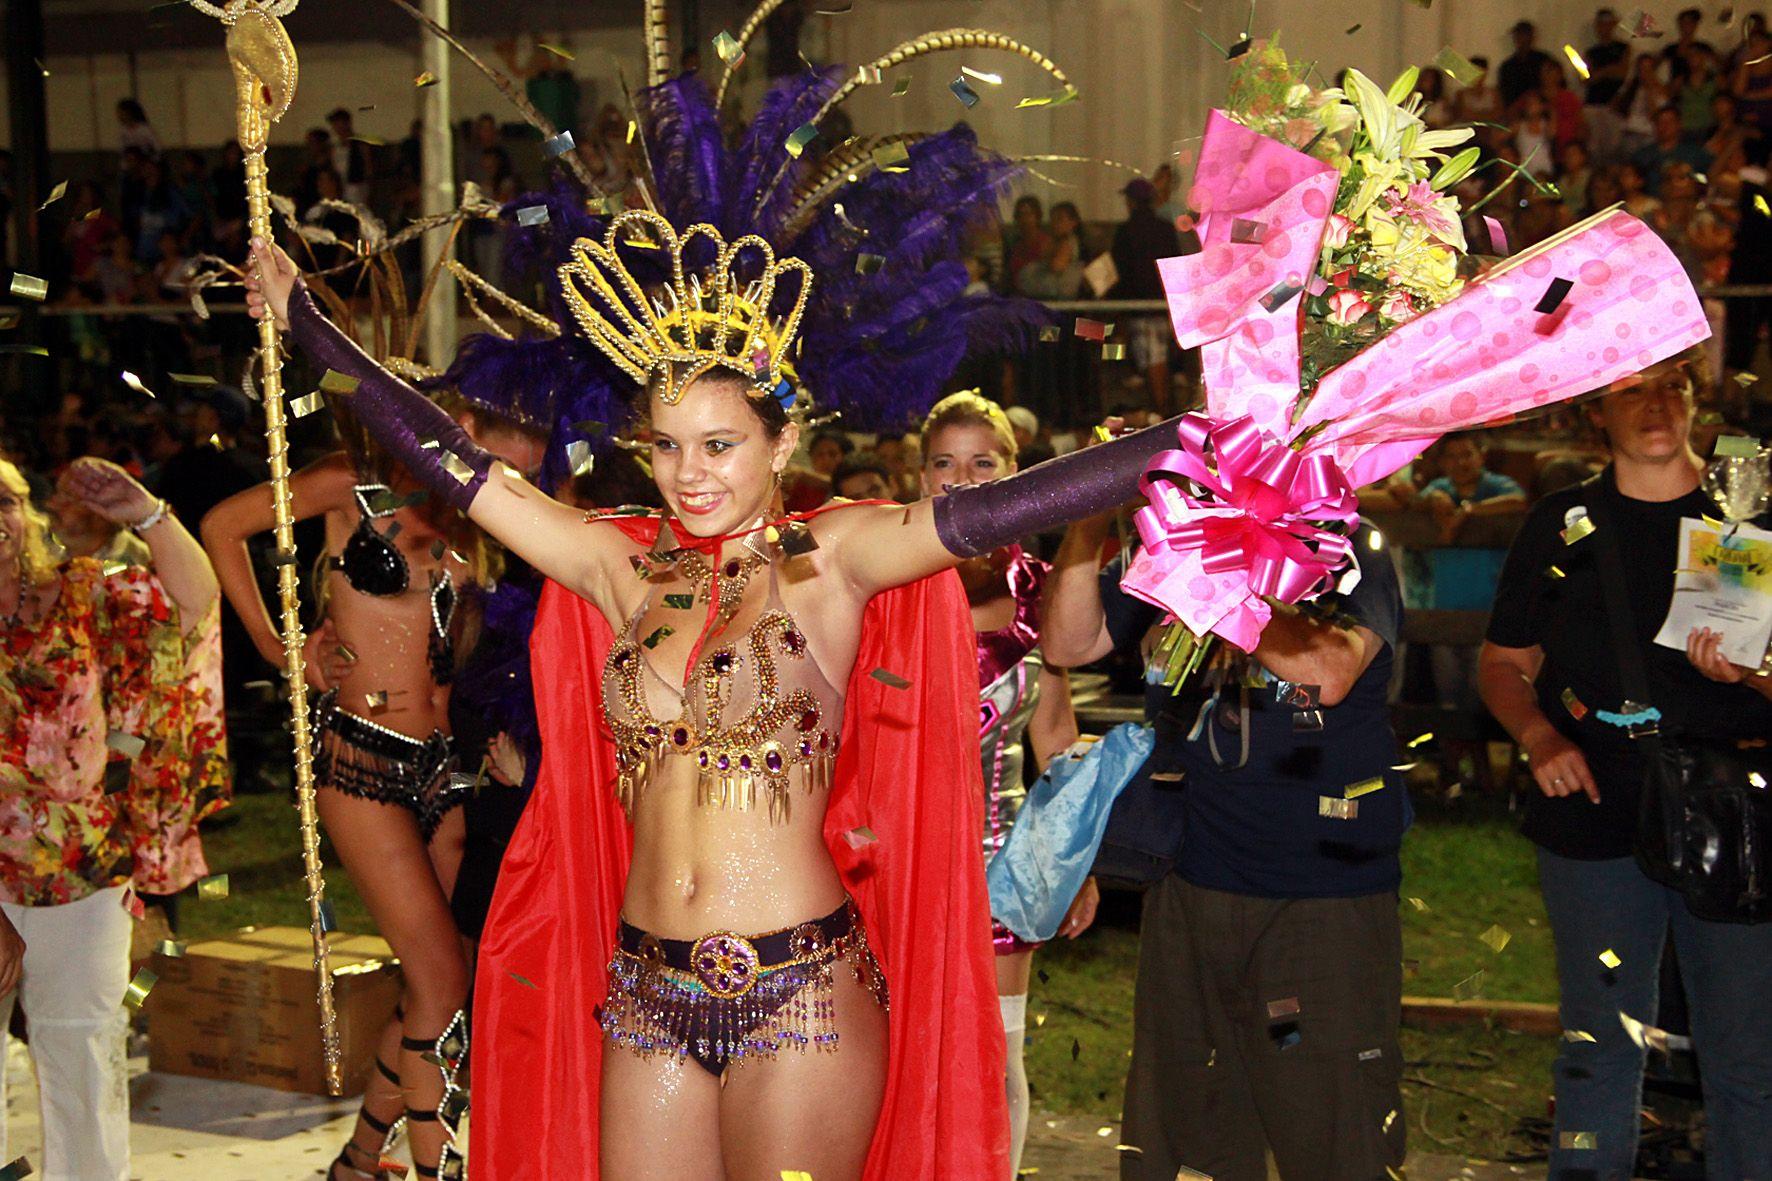 Con la elección del rey y la reina, anoche terminó el Carnaval de nuestra ciudad